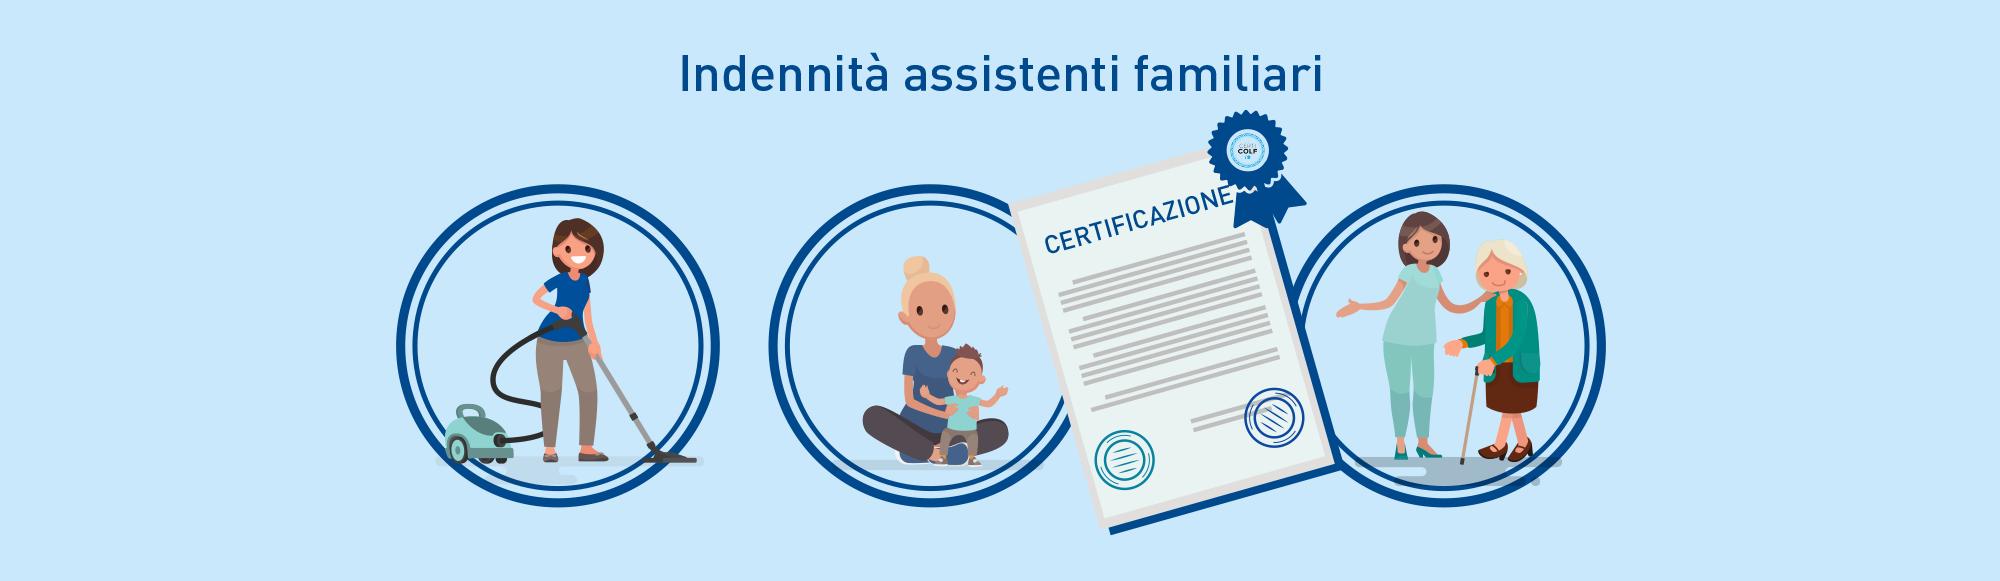 indennità con certificato qualità